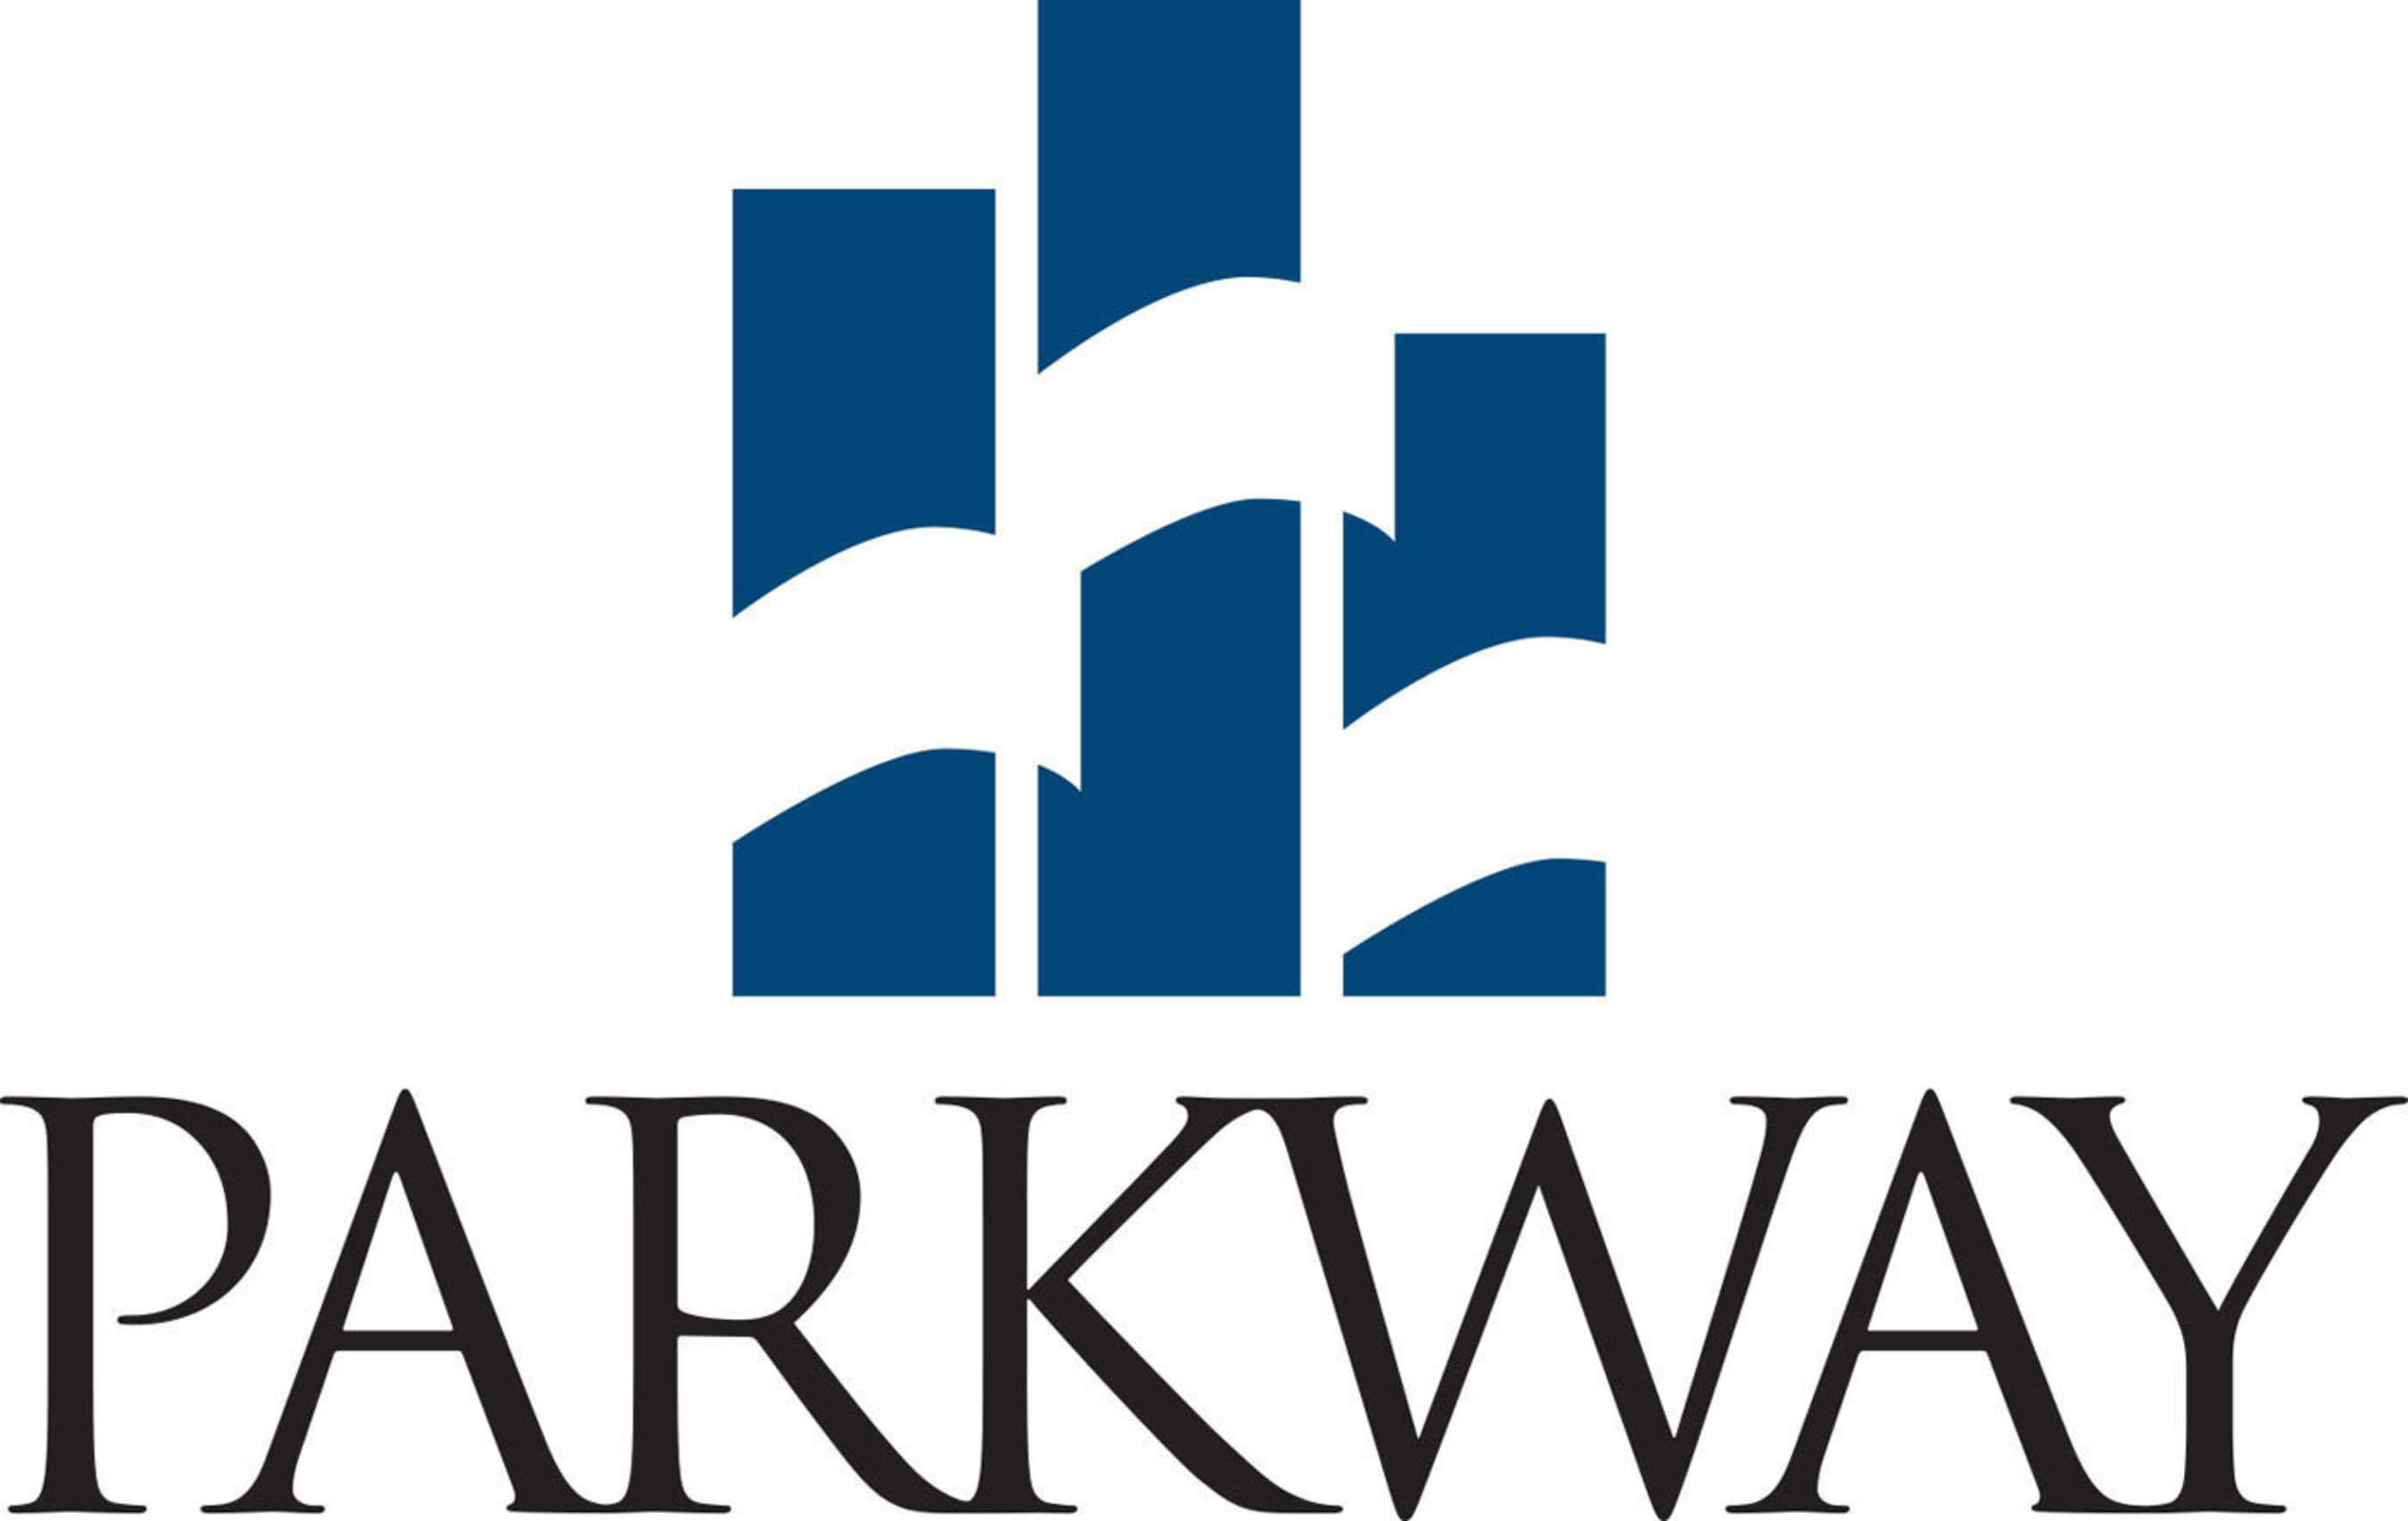 Parkway Announces Quarterly Dividend